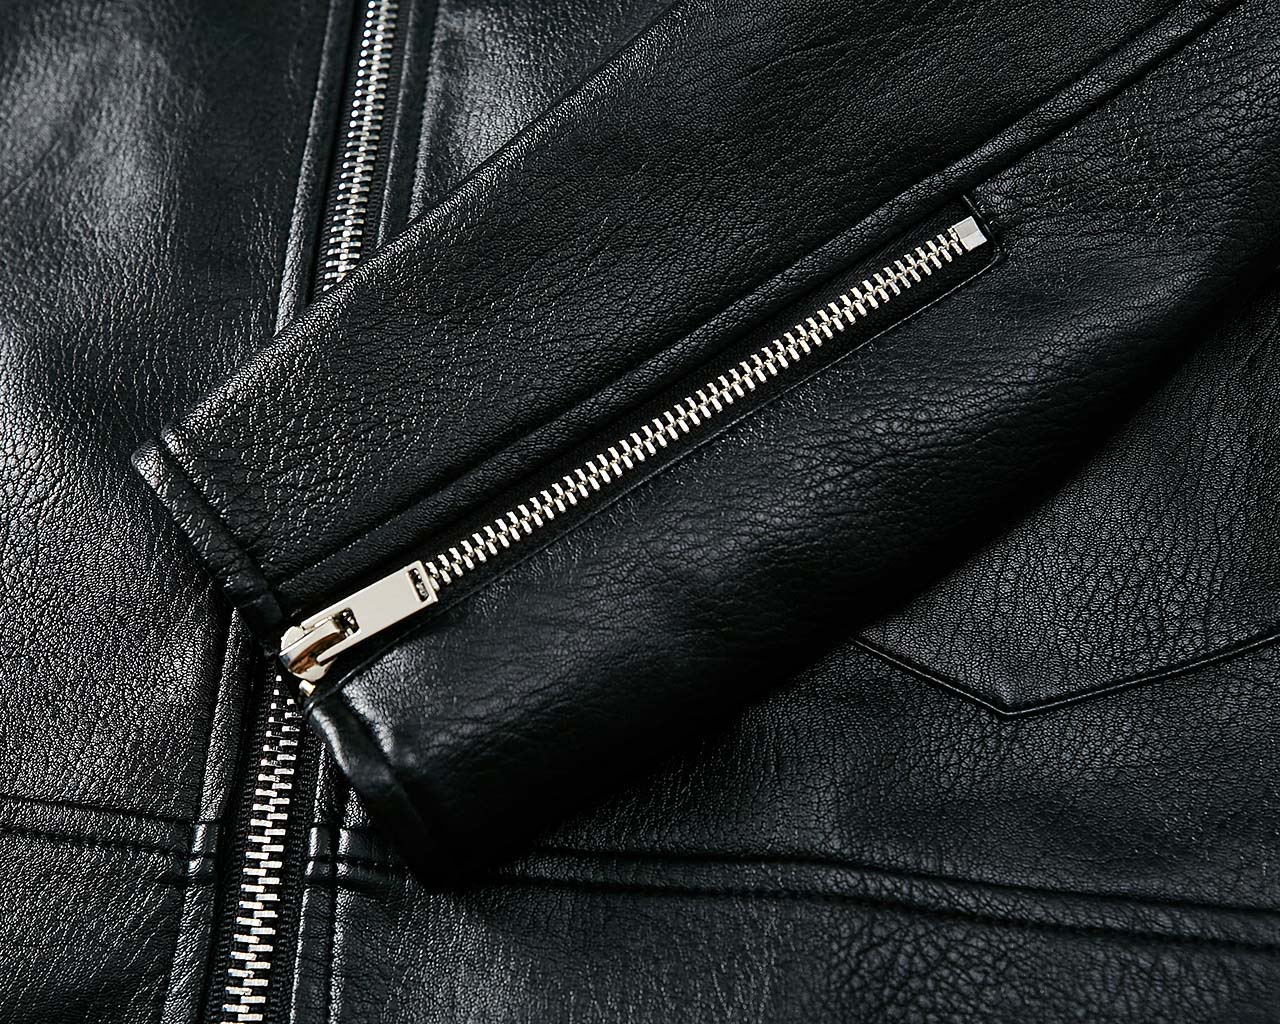 2019 новые стильные зимние мужские куртки мужские высококачественные утепленное пальто мужские модные повседневные пальто Размер trench Тренч - 6